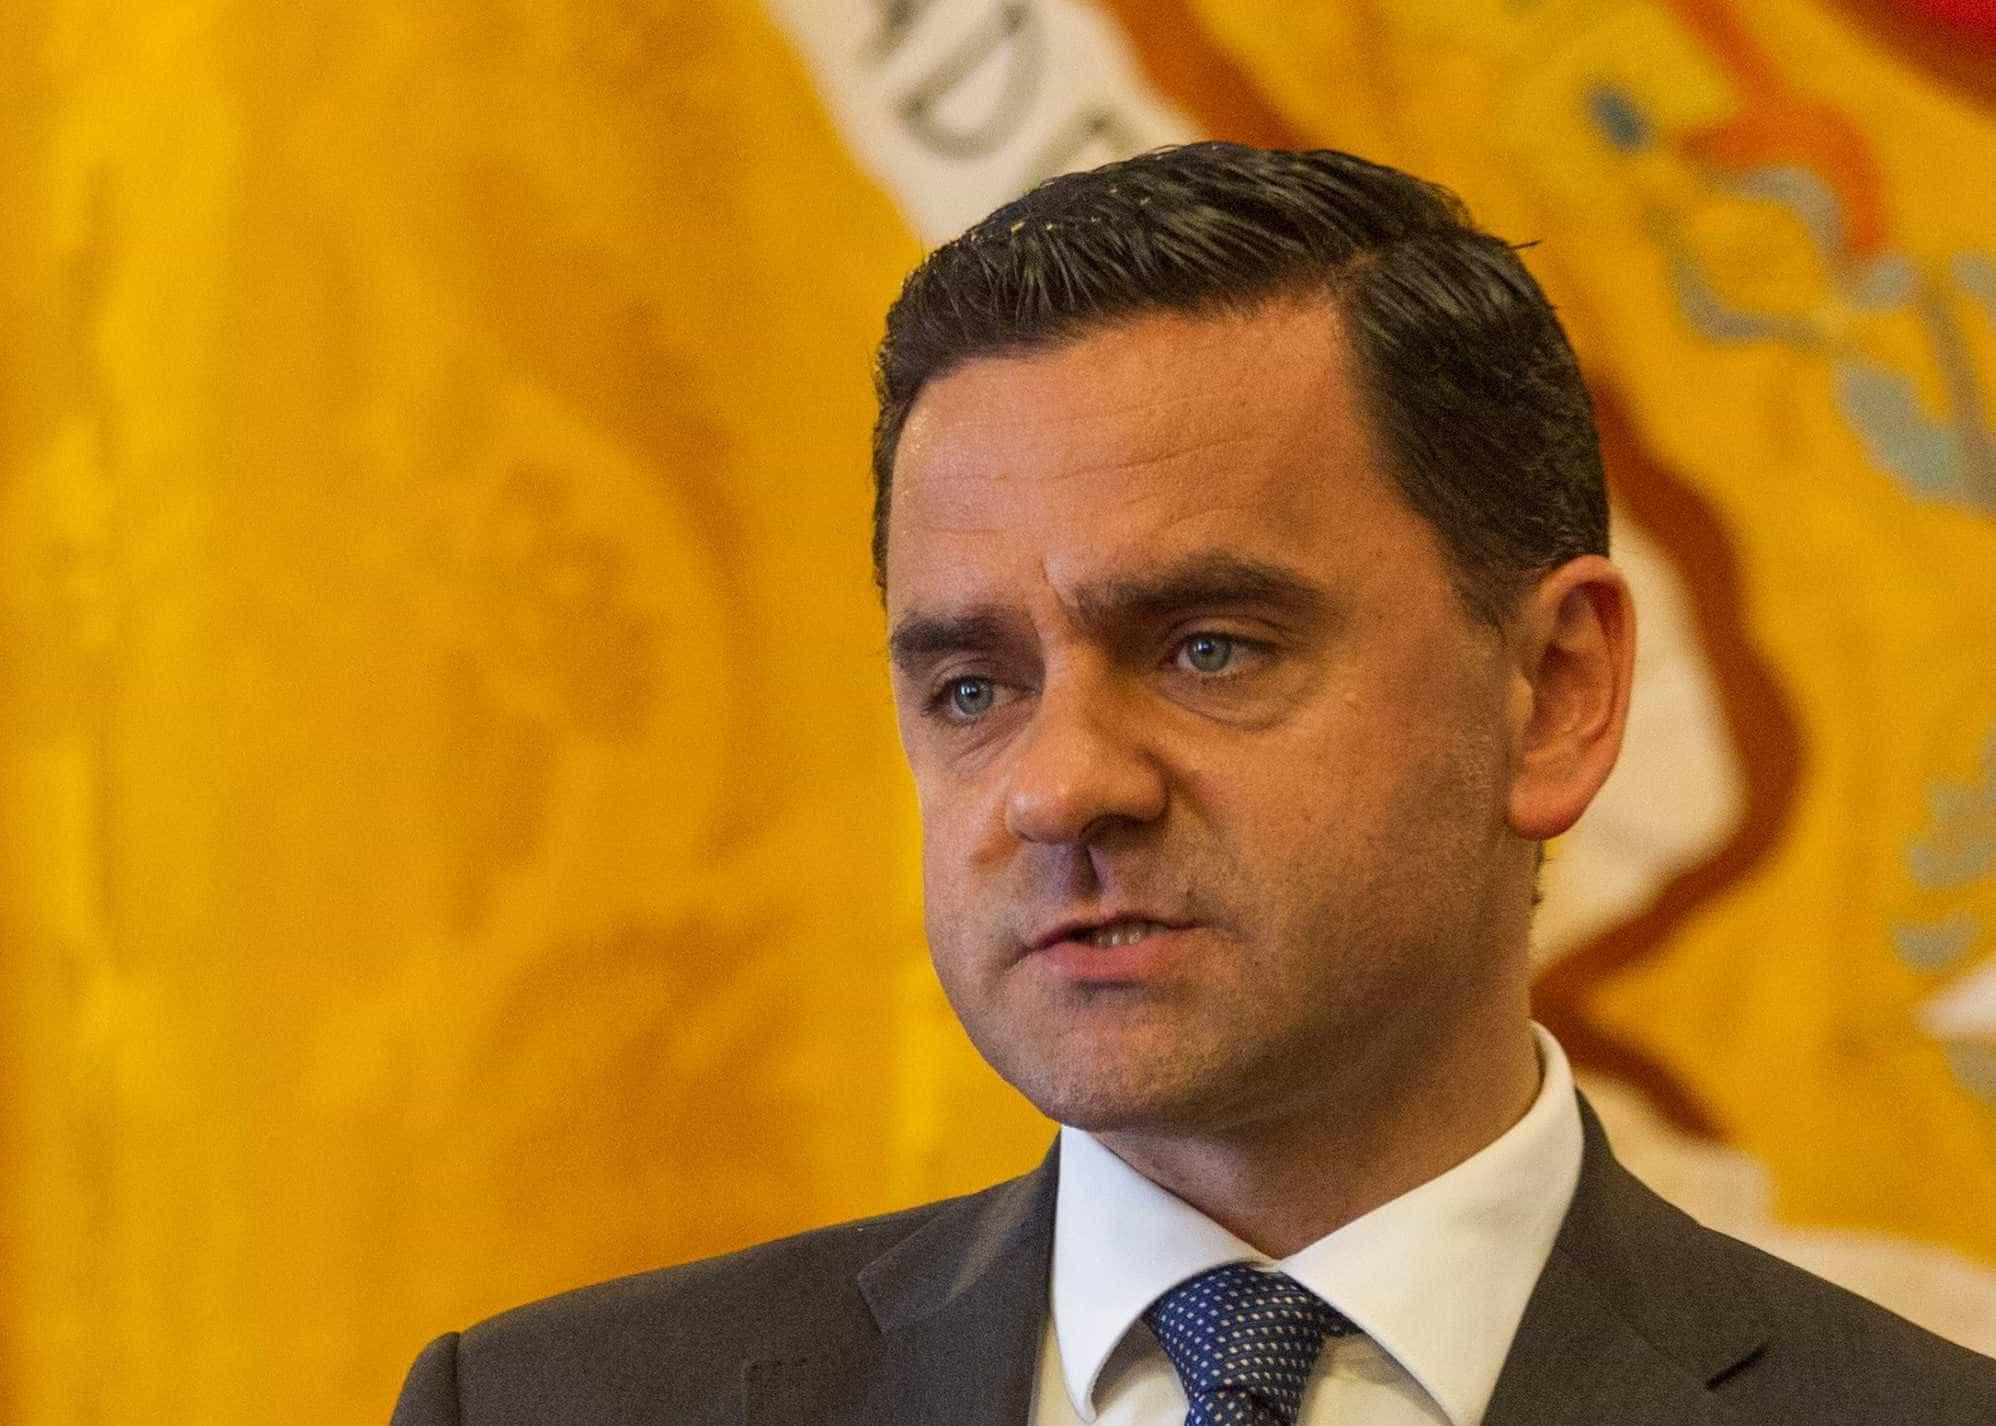 Ligação da Linha do Douro a Espanha avaliada em colaboração com Espanha